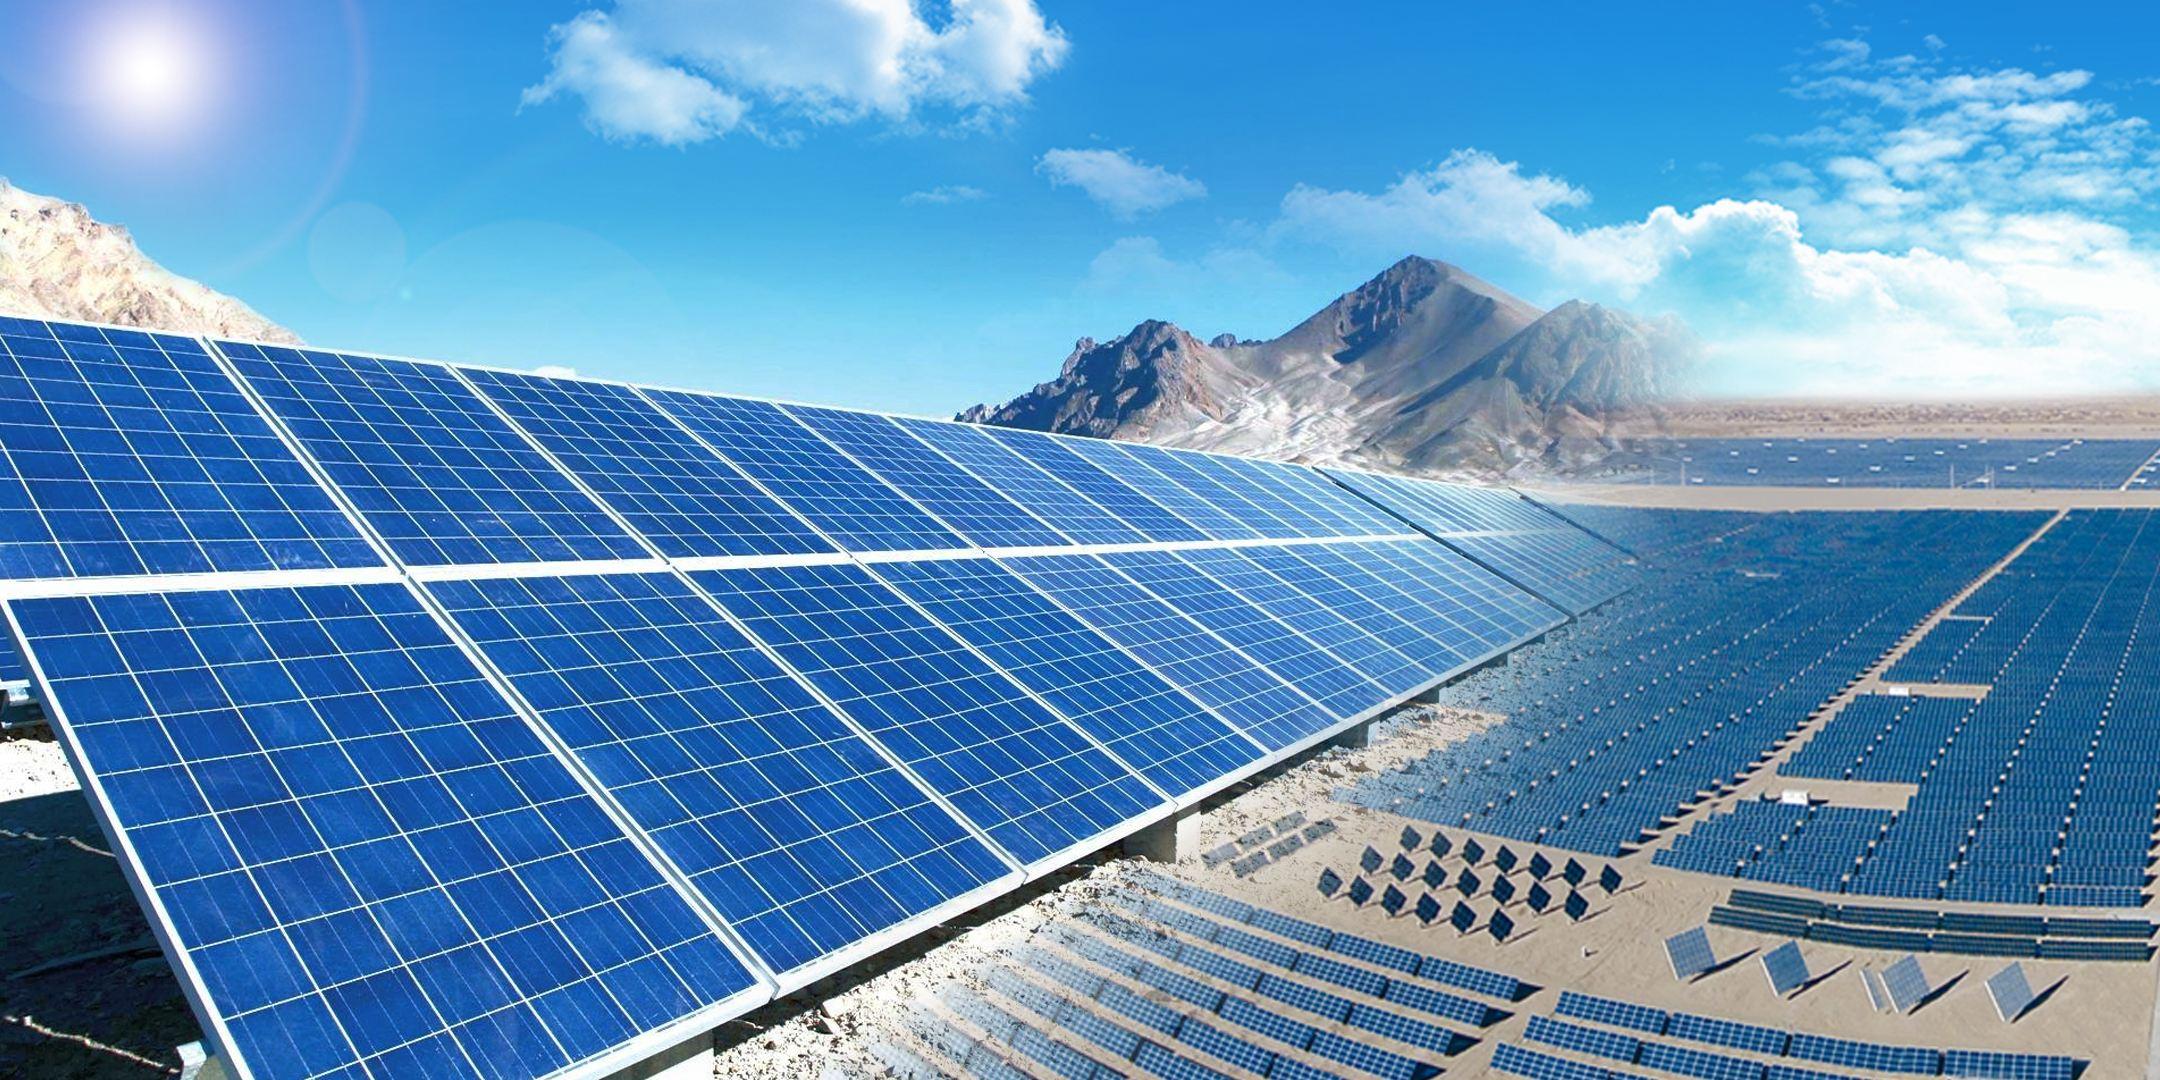 2018年辽宁全省电网光伏装机容量为302.01万千瓦